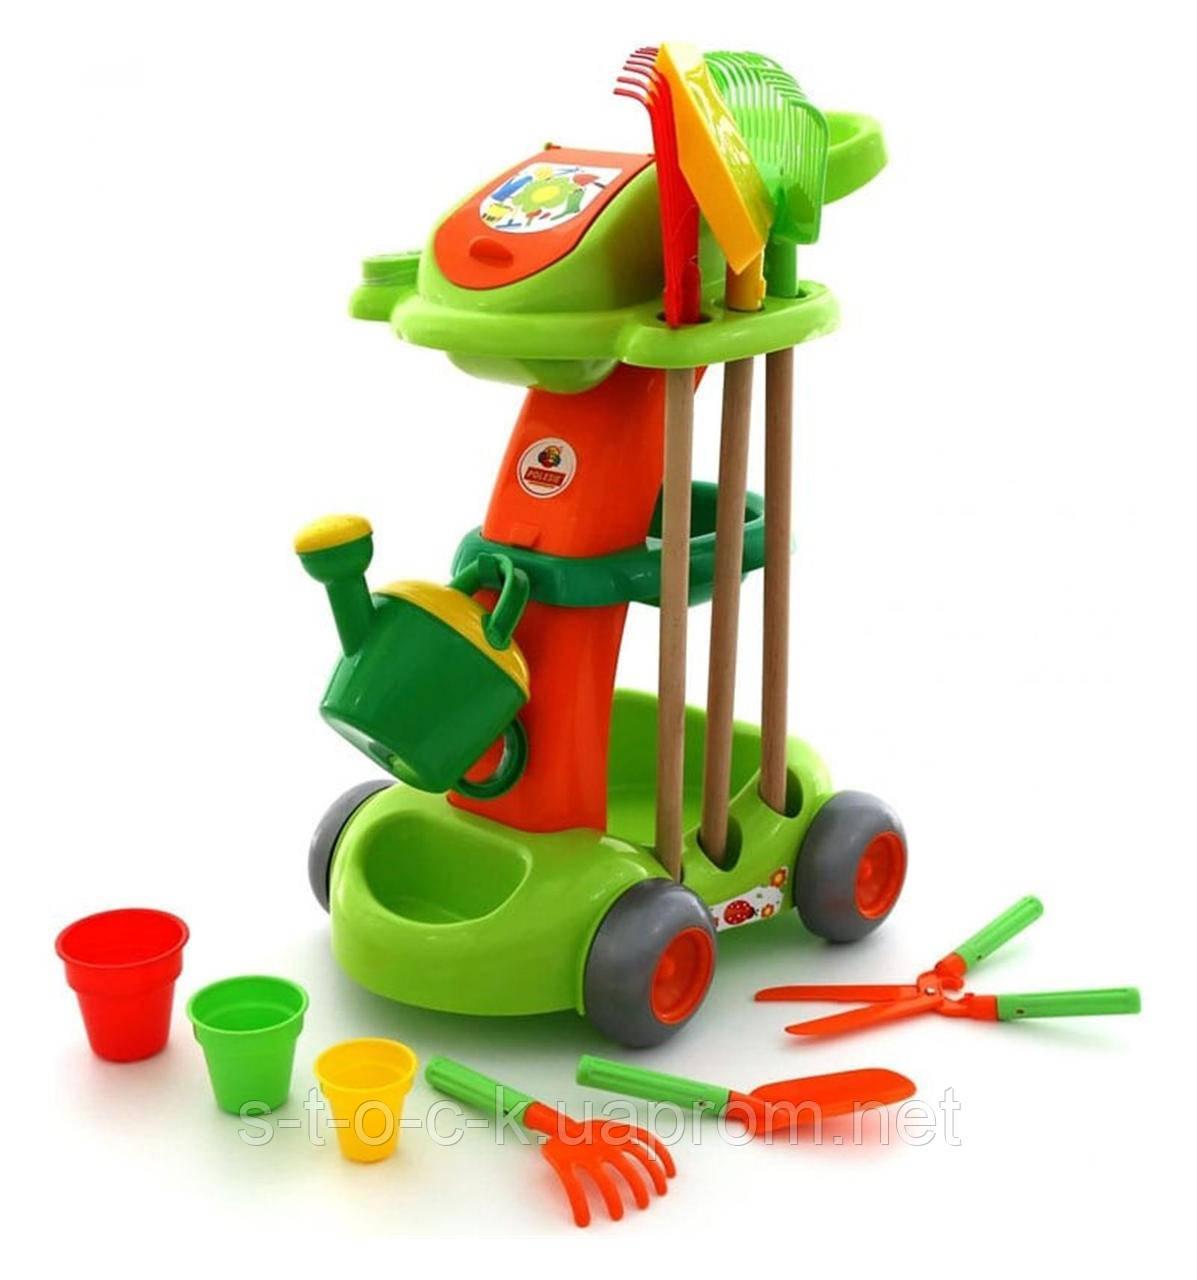 Детский садовый инвентарь Полесье 53794